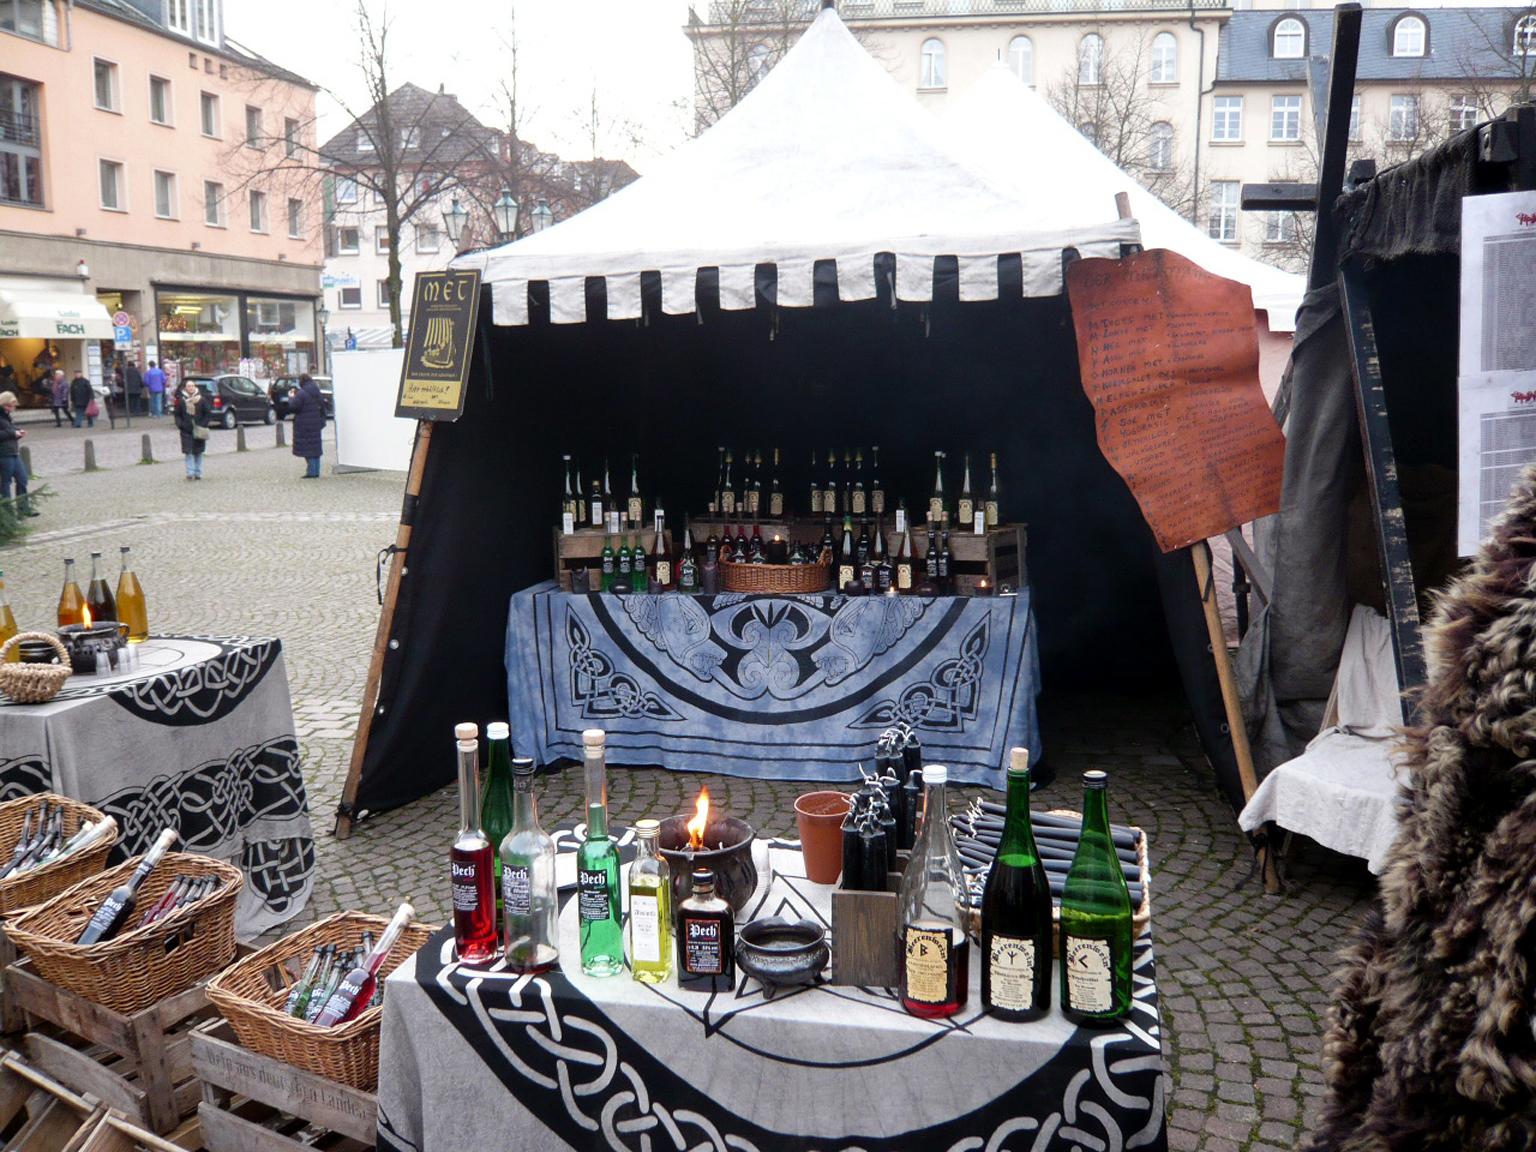 Händler - Handwerker - Gastronomen